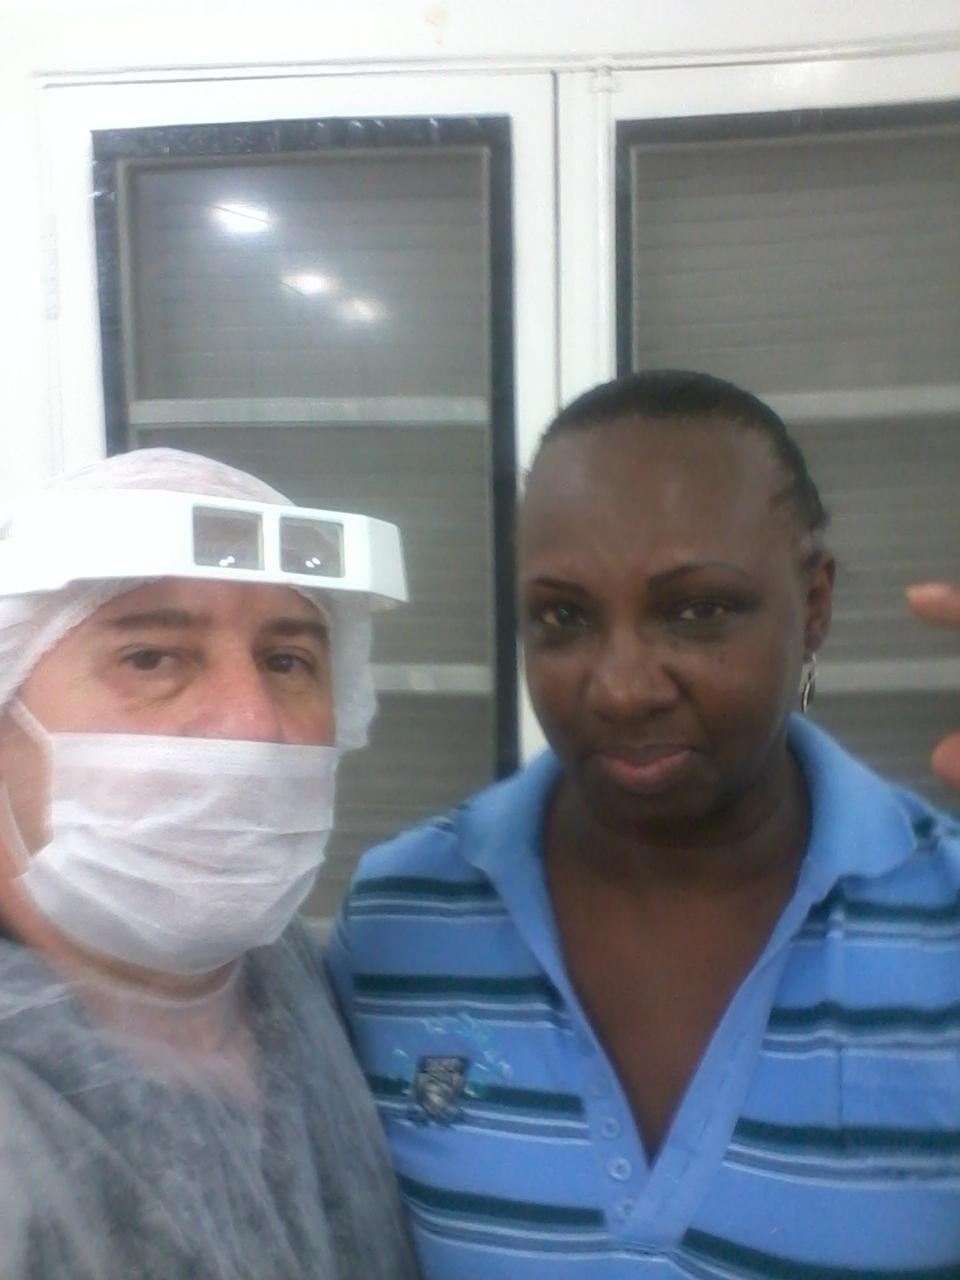 Micropguimentaação sobrancelhas Micropigmentação sobrancelha cabeleireiro(a) barbeiro(a) maquiador(a) designer de sobrancelhas depilador(a)